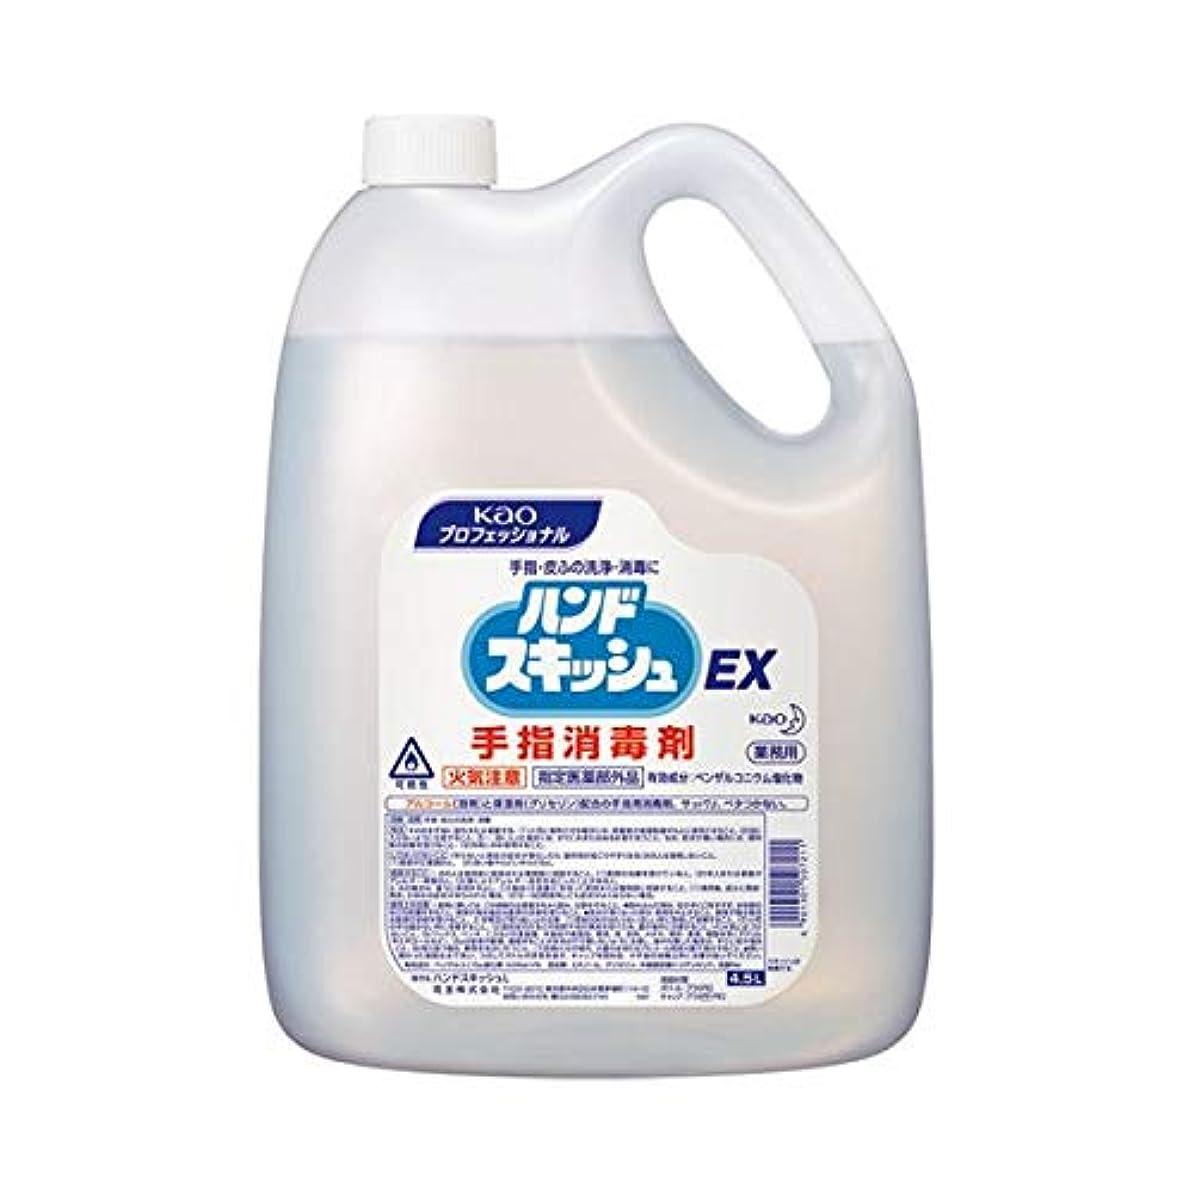 化学薬品子羊つかいます(まとめ)花王 ハンドスキッシュEX 4.5L507211【×5セット】 ダイエット 健康 衛生用品 ハンドソープ 14067381 [並行輸入品]